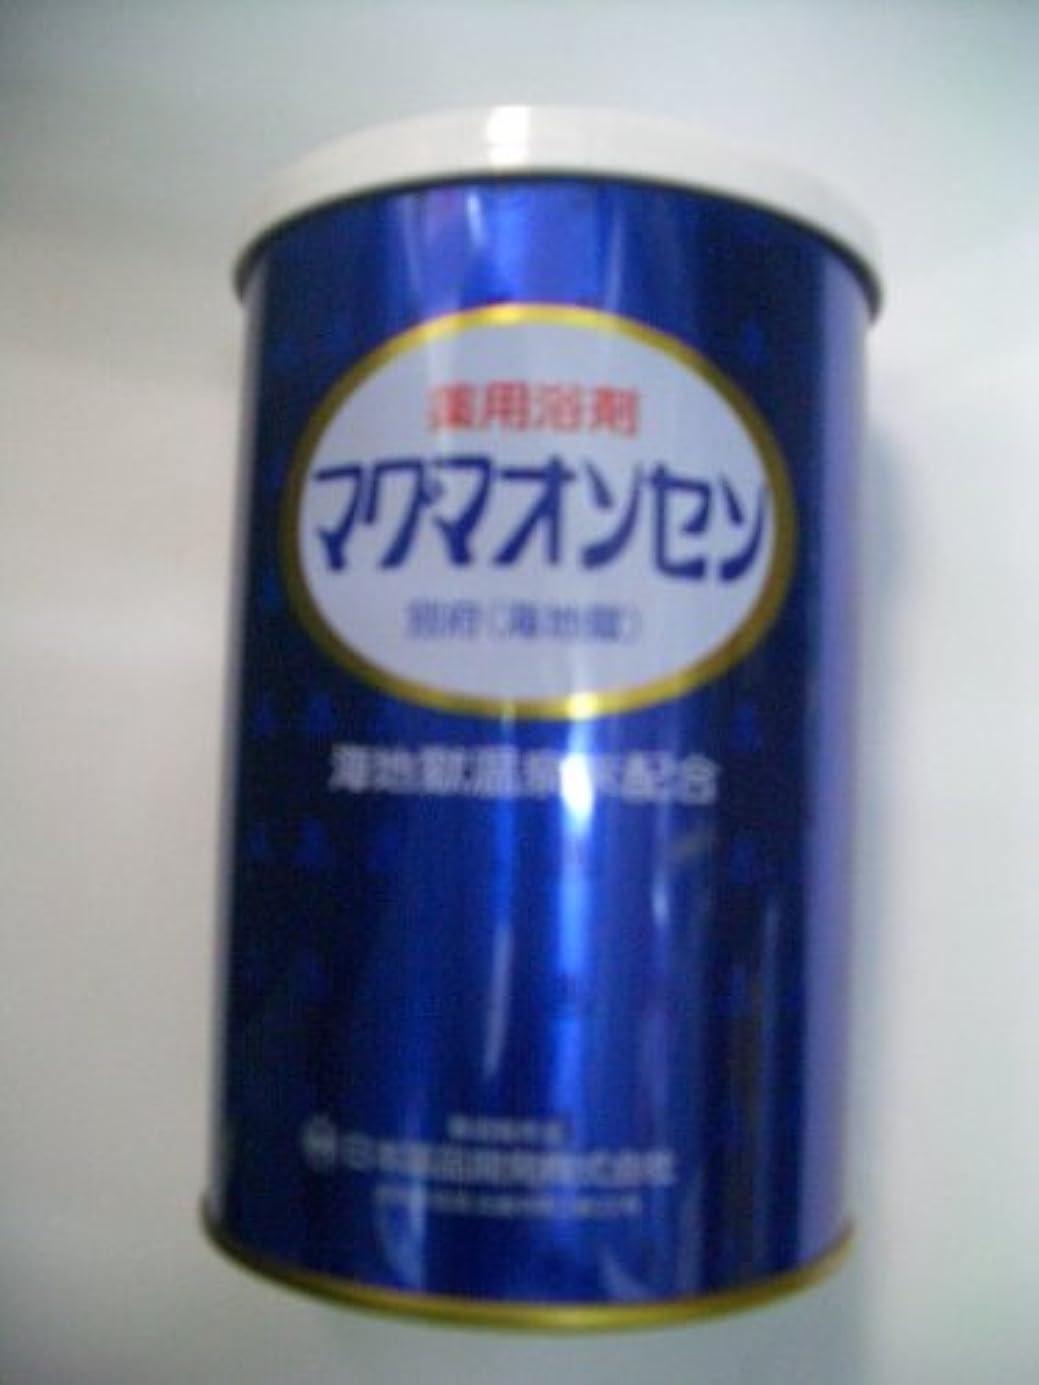 セッションサンドイッチマチュピチュ別府温泉【マグマオンセン温泉】(海地獄)缶入500g 6個